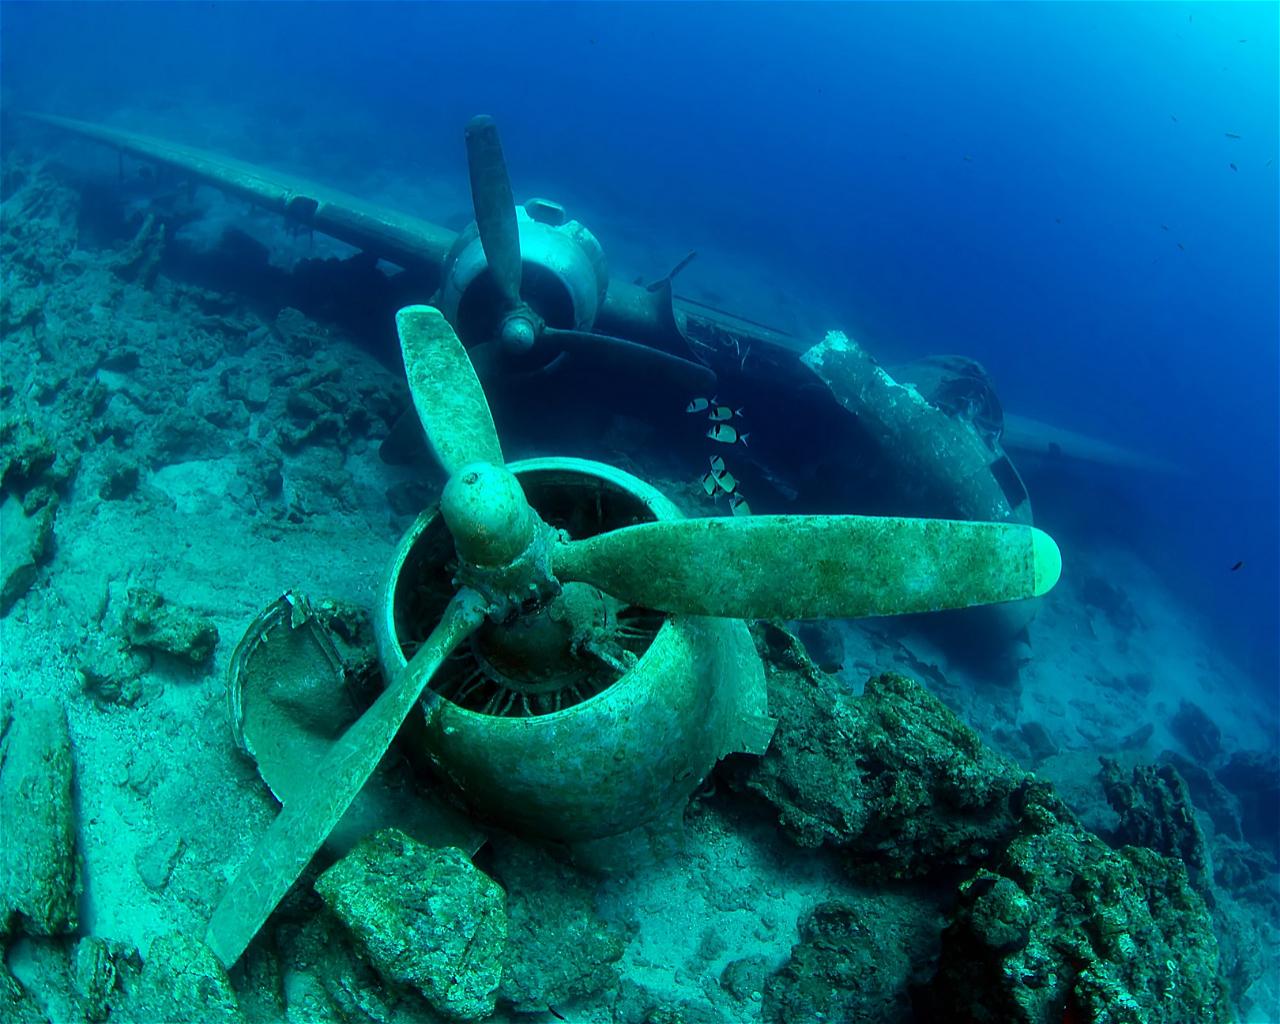 C47 Dakota (Wreck)